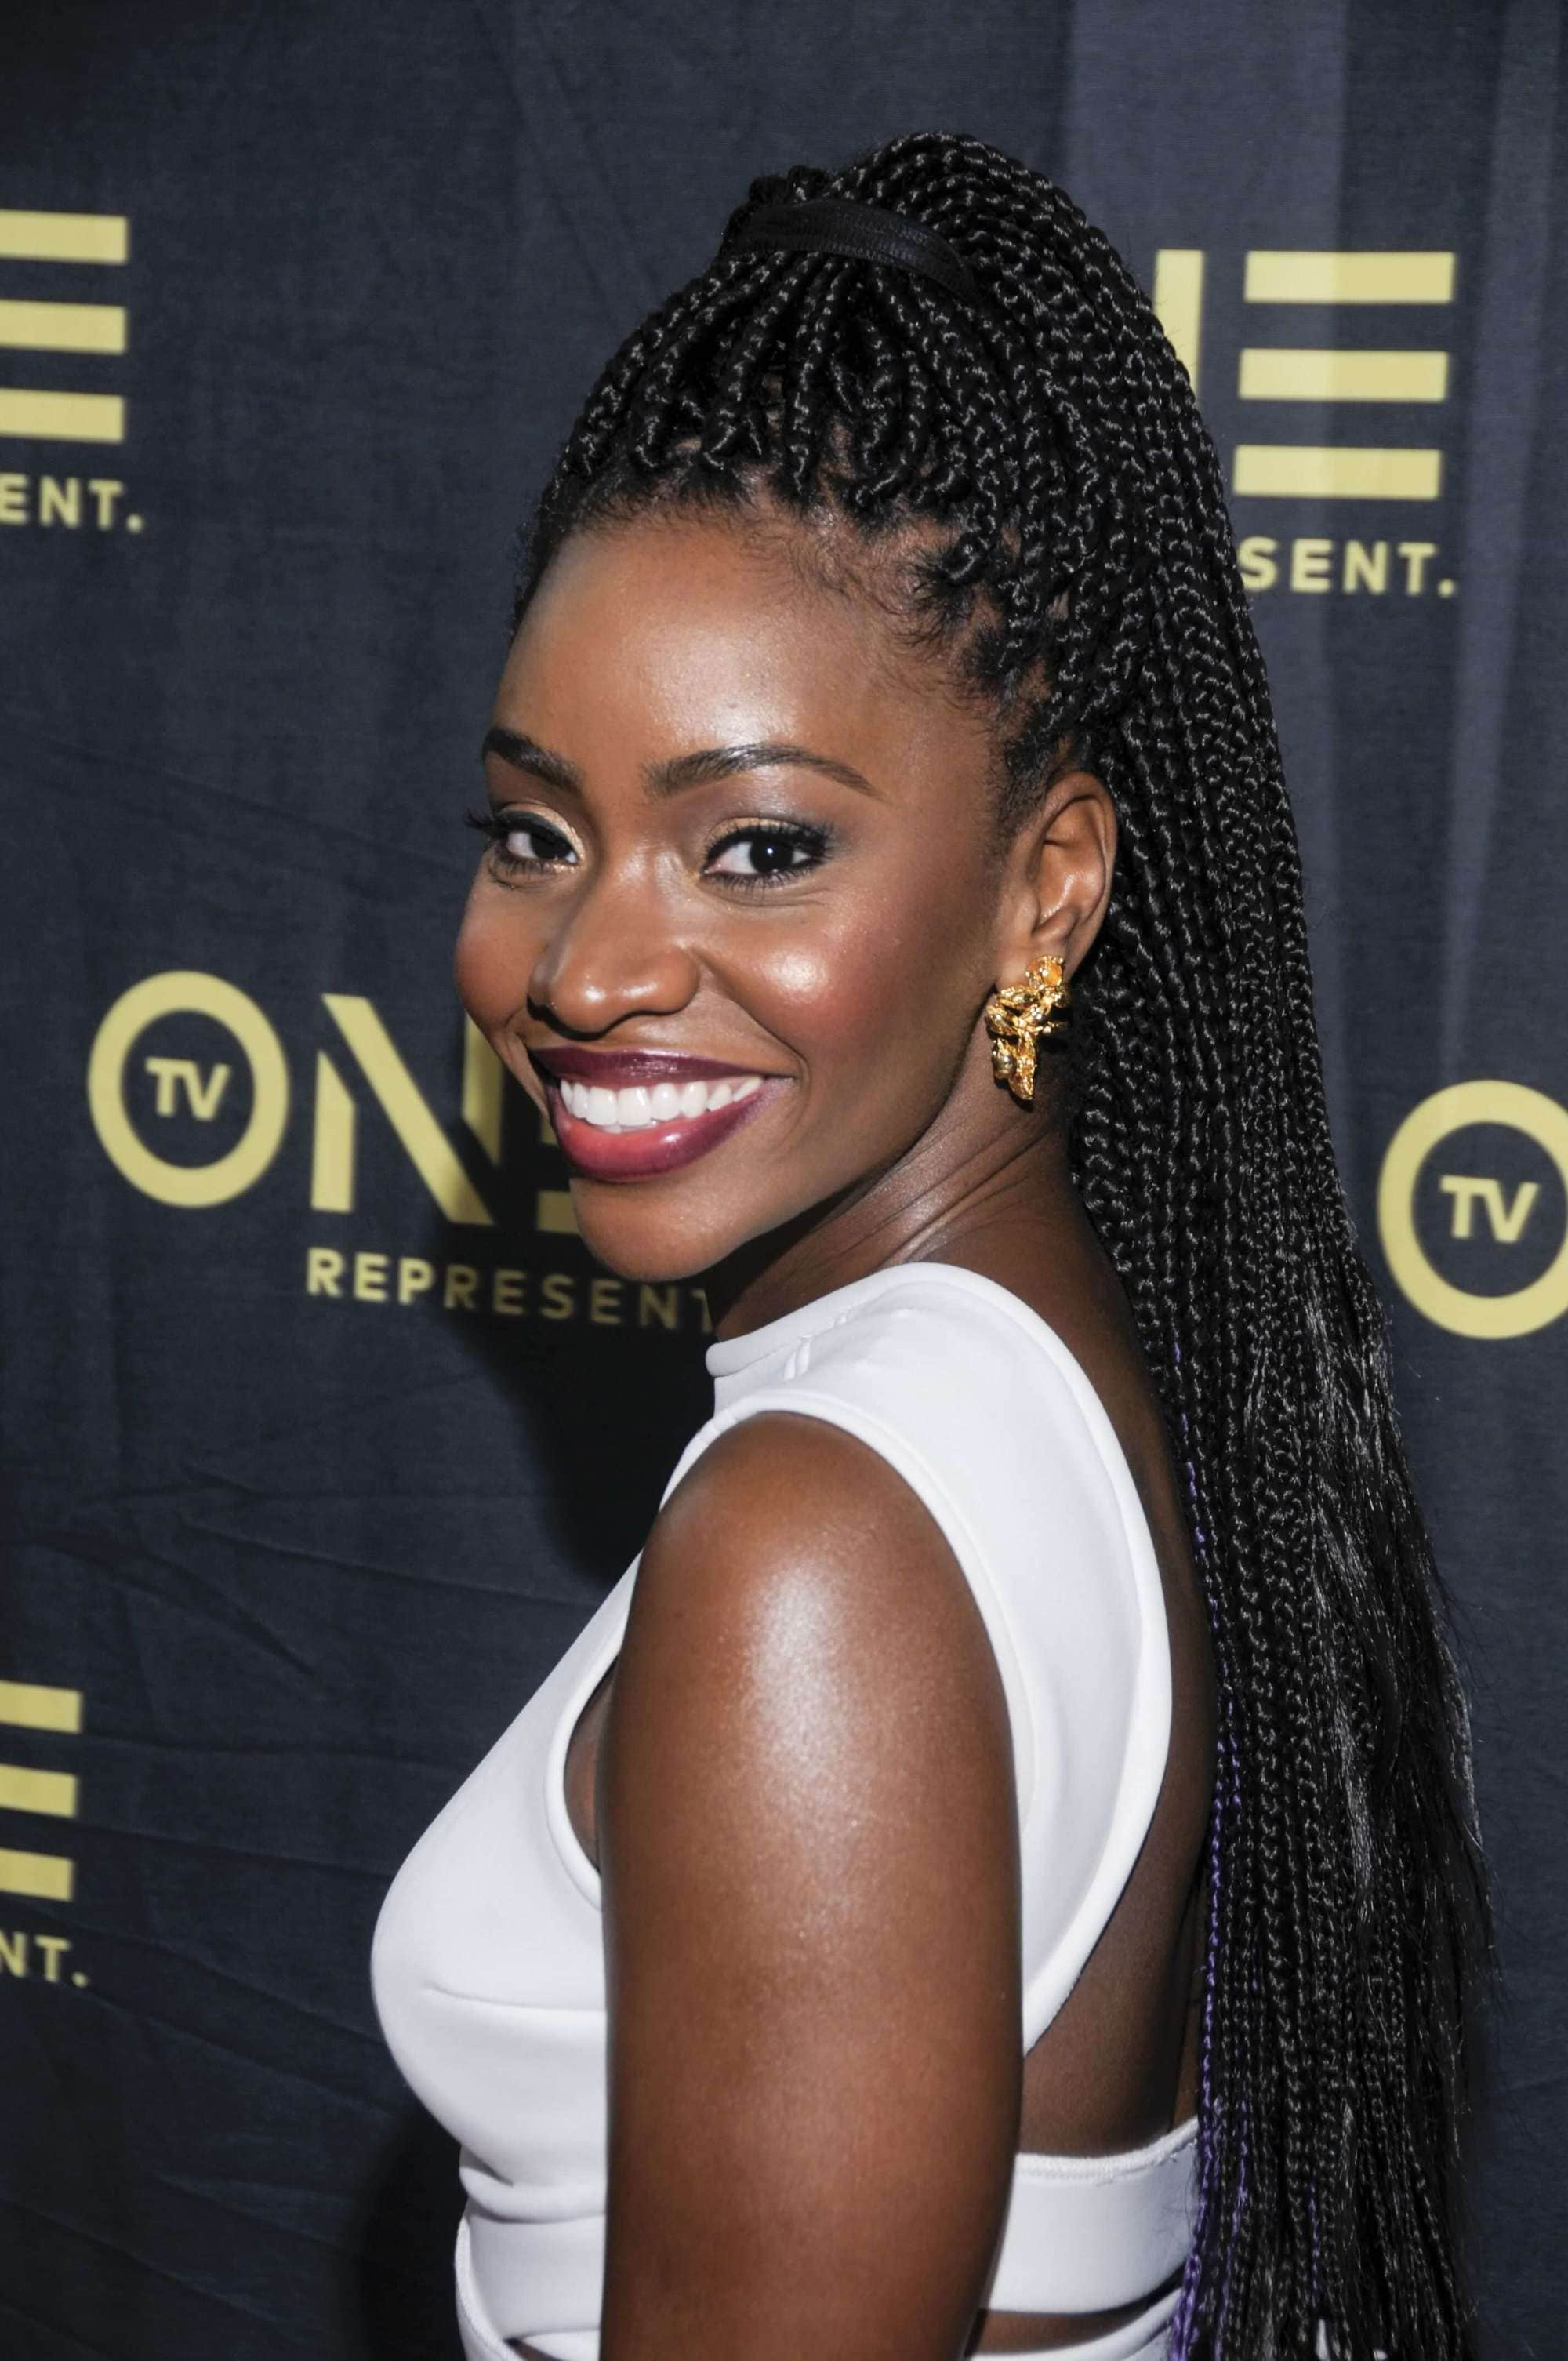 easy micro braid hairstyles: Teyonah Parris with half up half down braided hairstyke